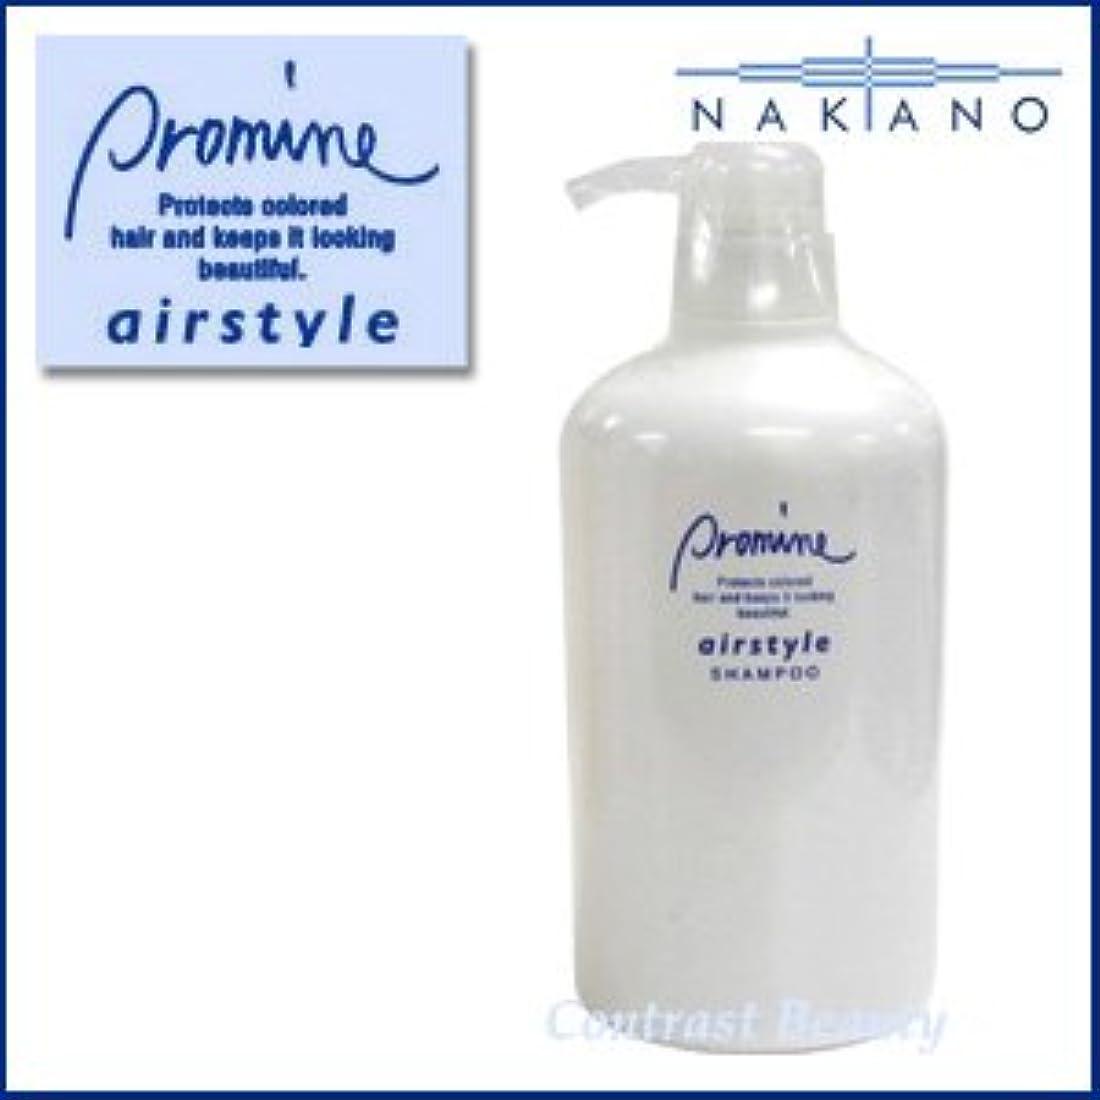 集まる資産軌道ナカノ プロマイン シャンプー エアスタイル 760ml 【ヘアケア Hair care 中野製薬株式会社 NAKANO】